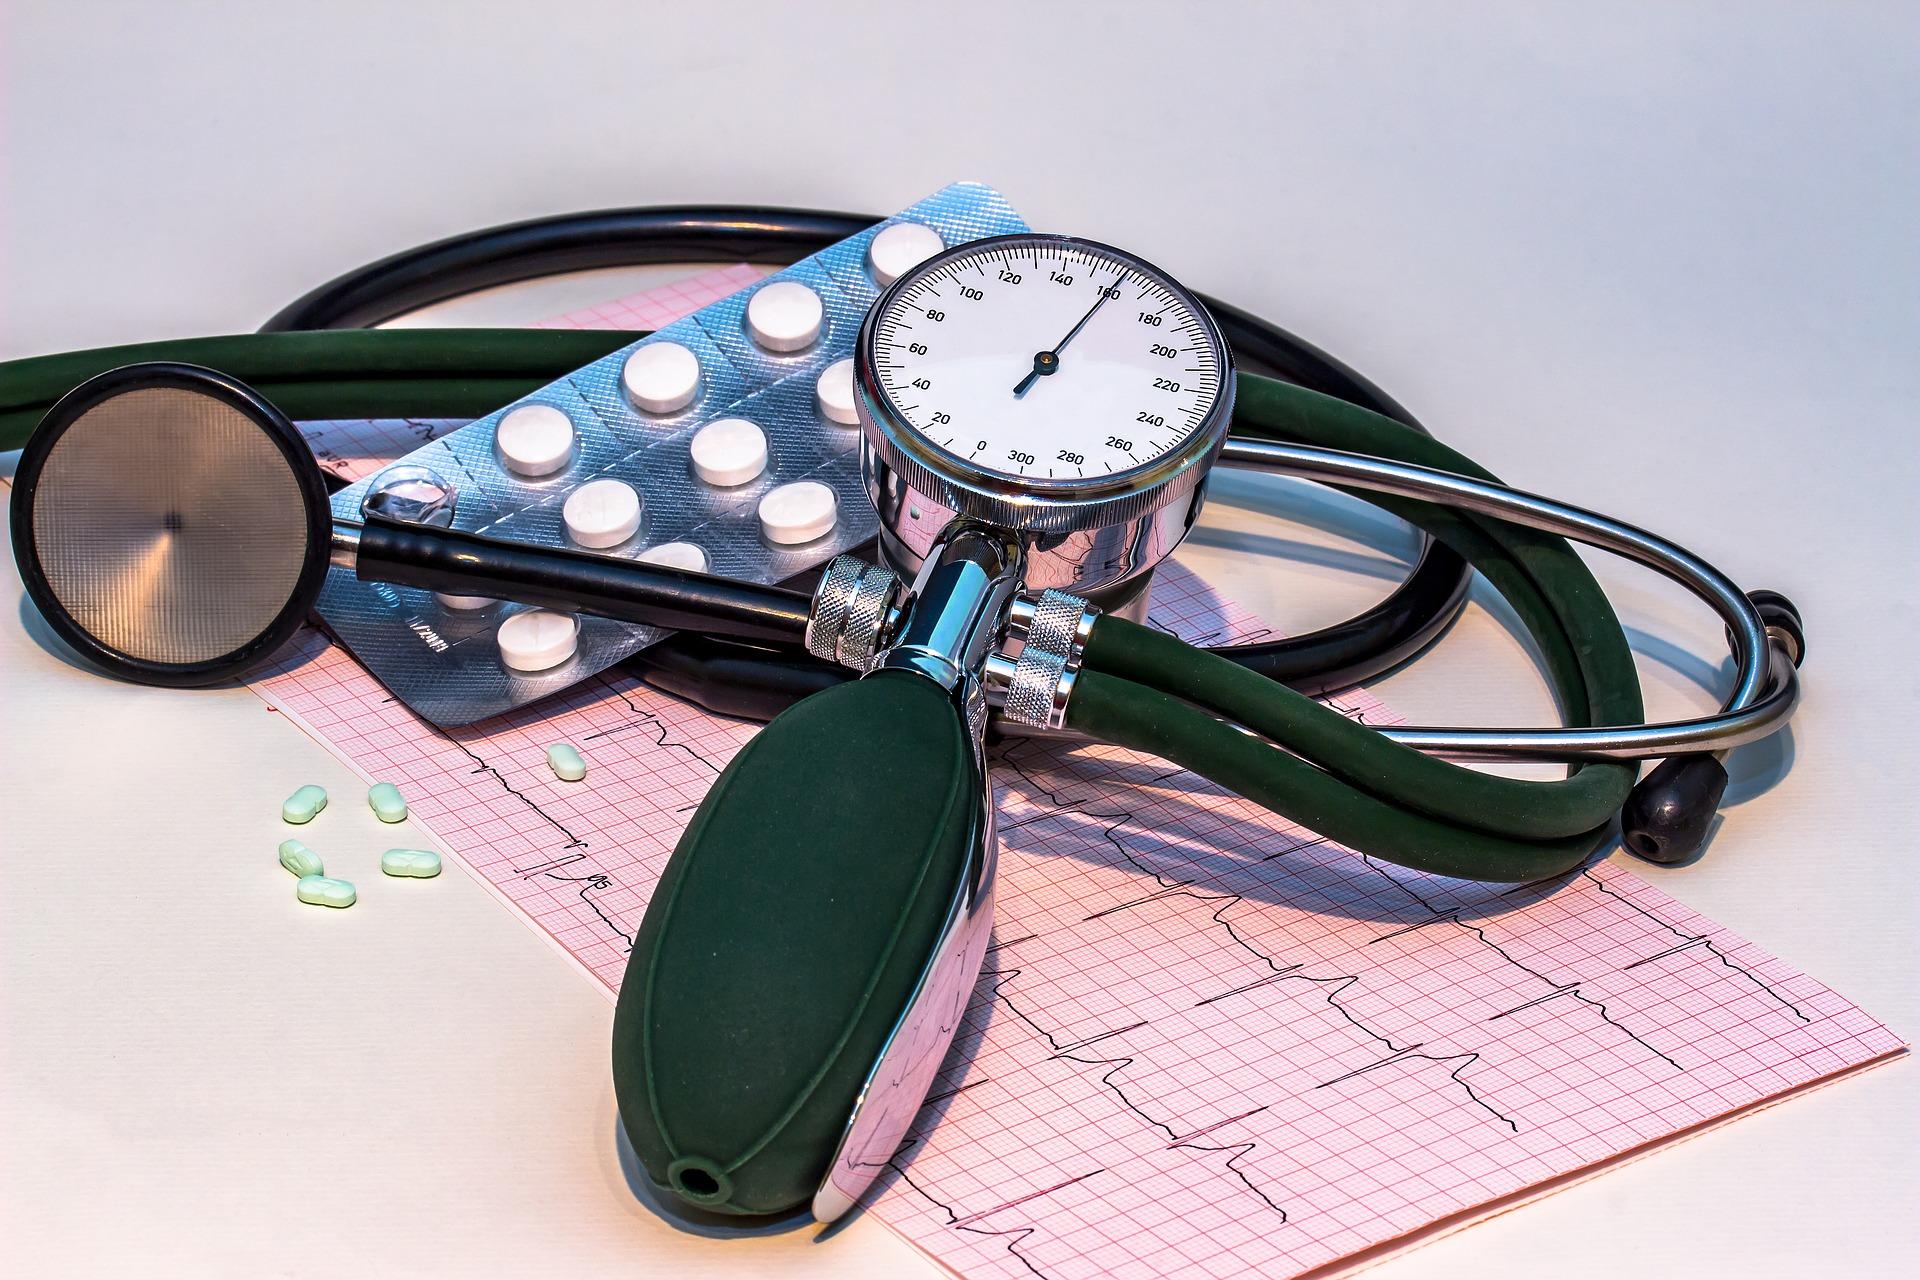 Bluthochdruck – Blutdruck senken ohne Medikamente